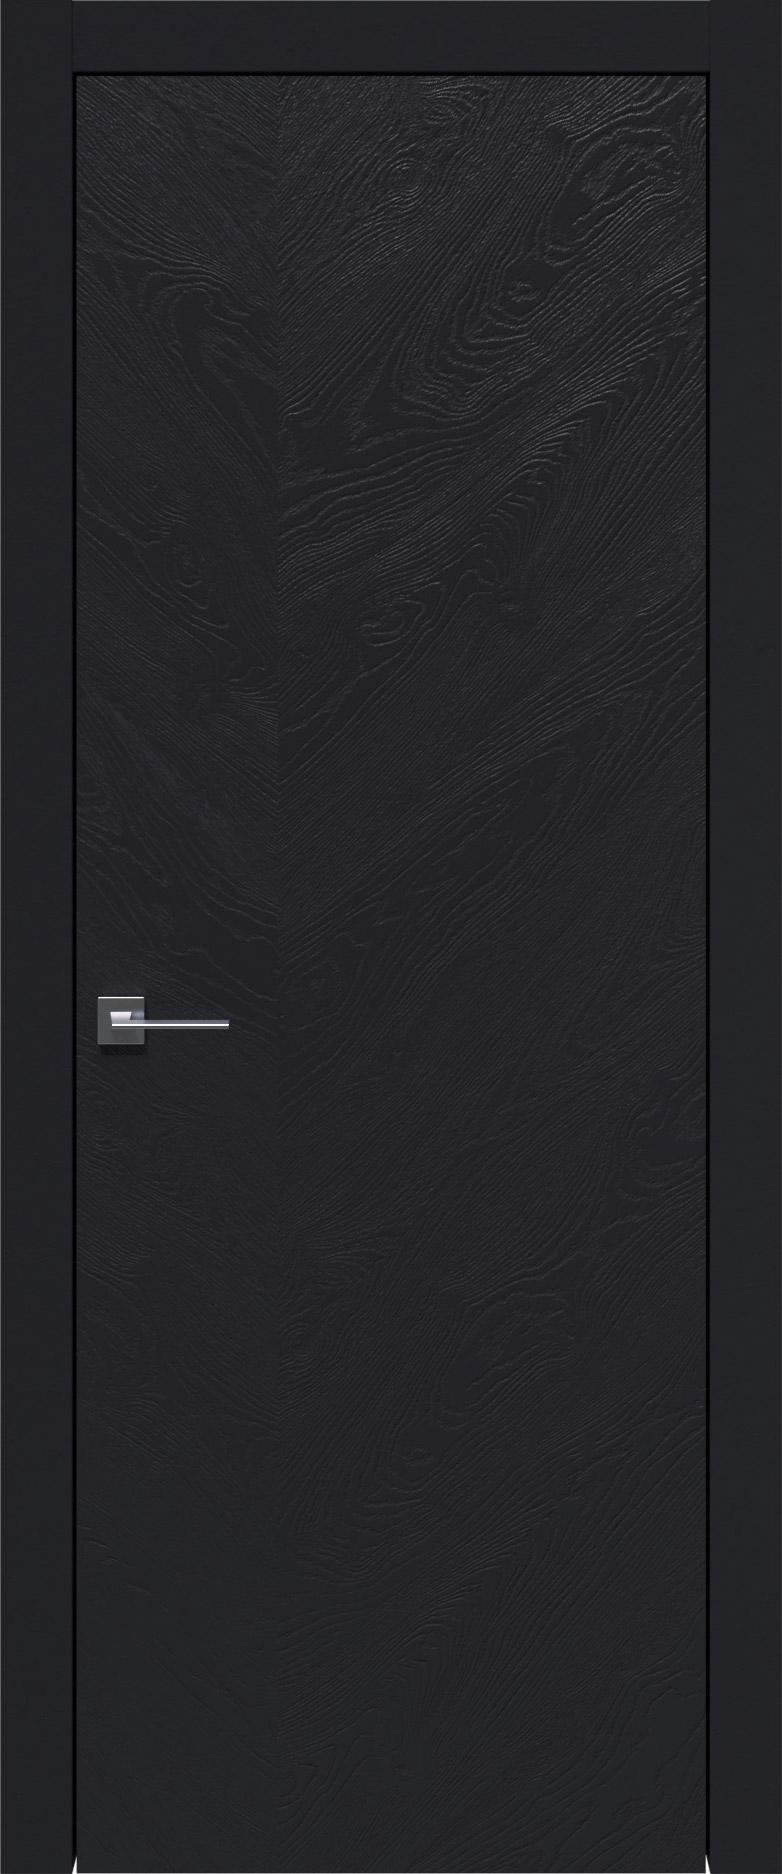 Tivoli Л-1 цвет - Черная эмаль по шпону (RAL 9004) Без стекла (ДГ)